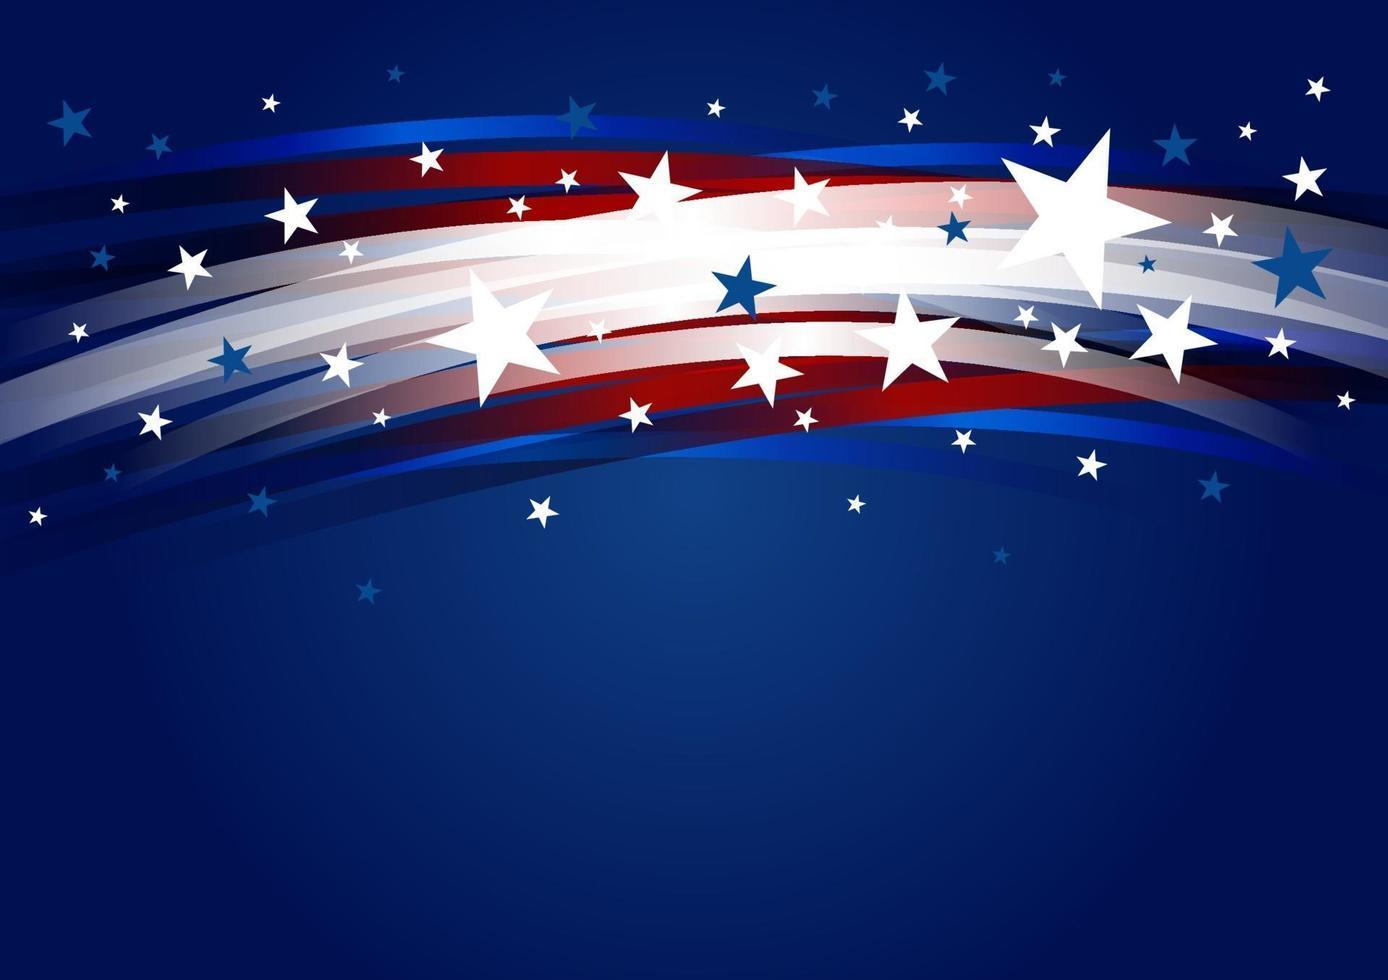 Diseño de fondo abstracto de Estados Unidos de gradiente de línea y estrella 4 de julio día de la independencia ilustración vectorial vector